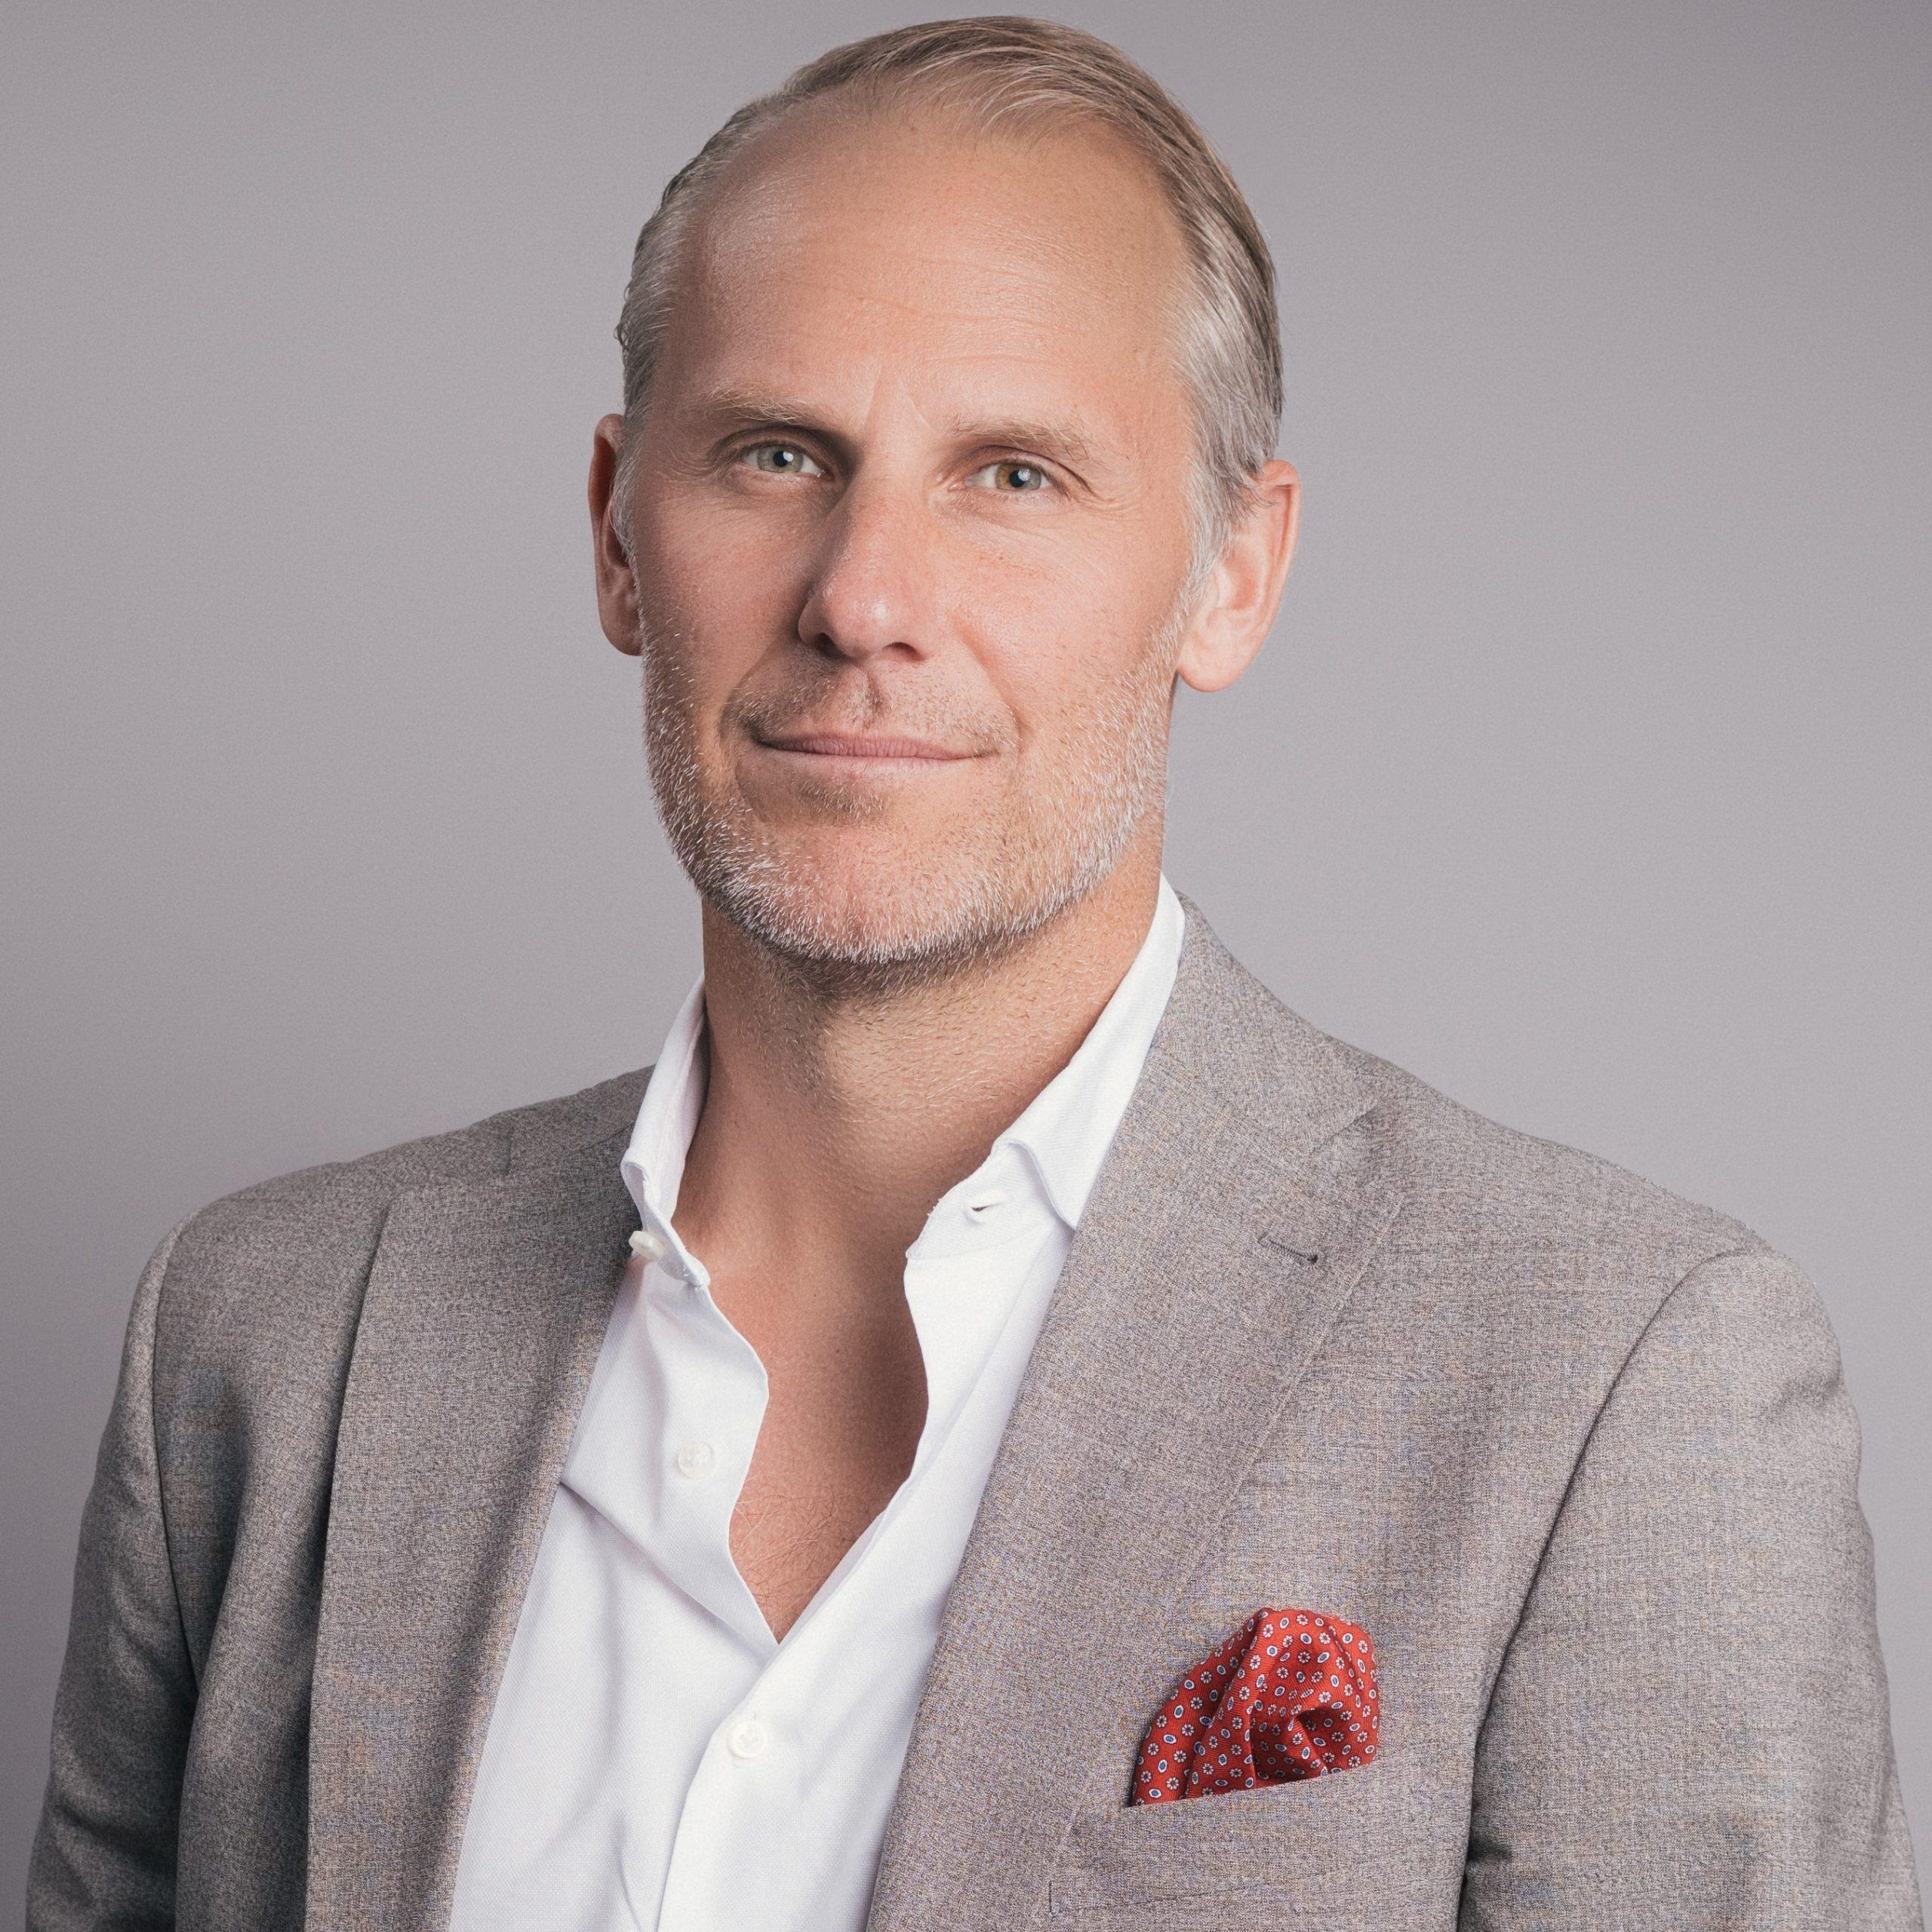 Photo of Jakob Tolleryd